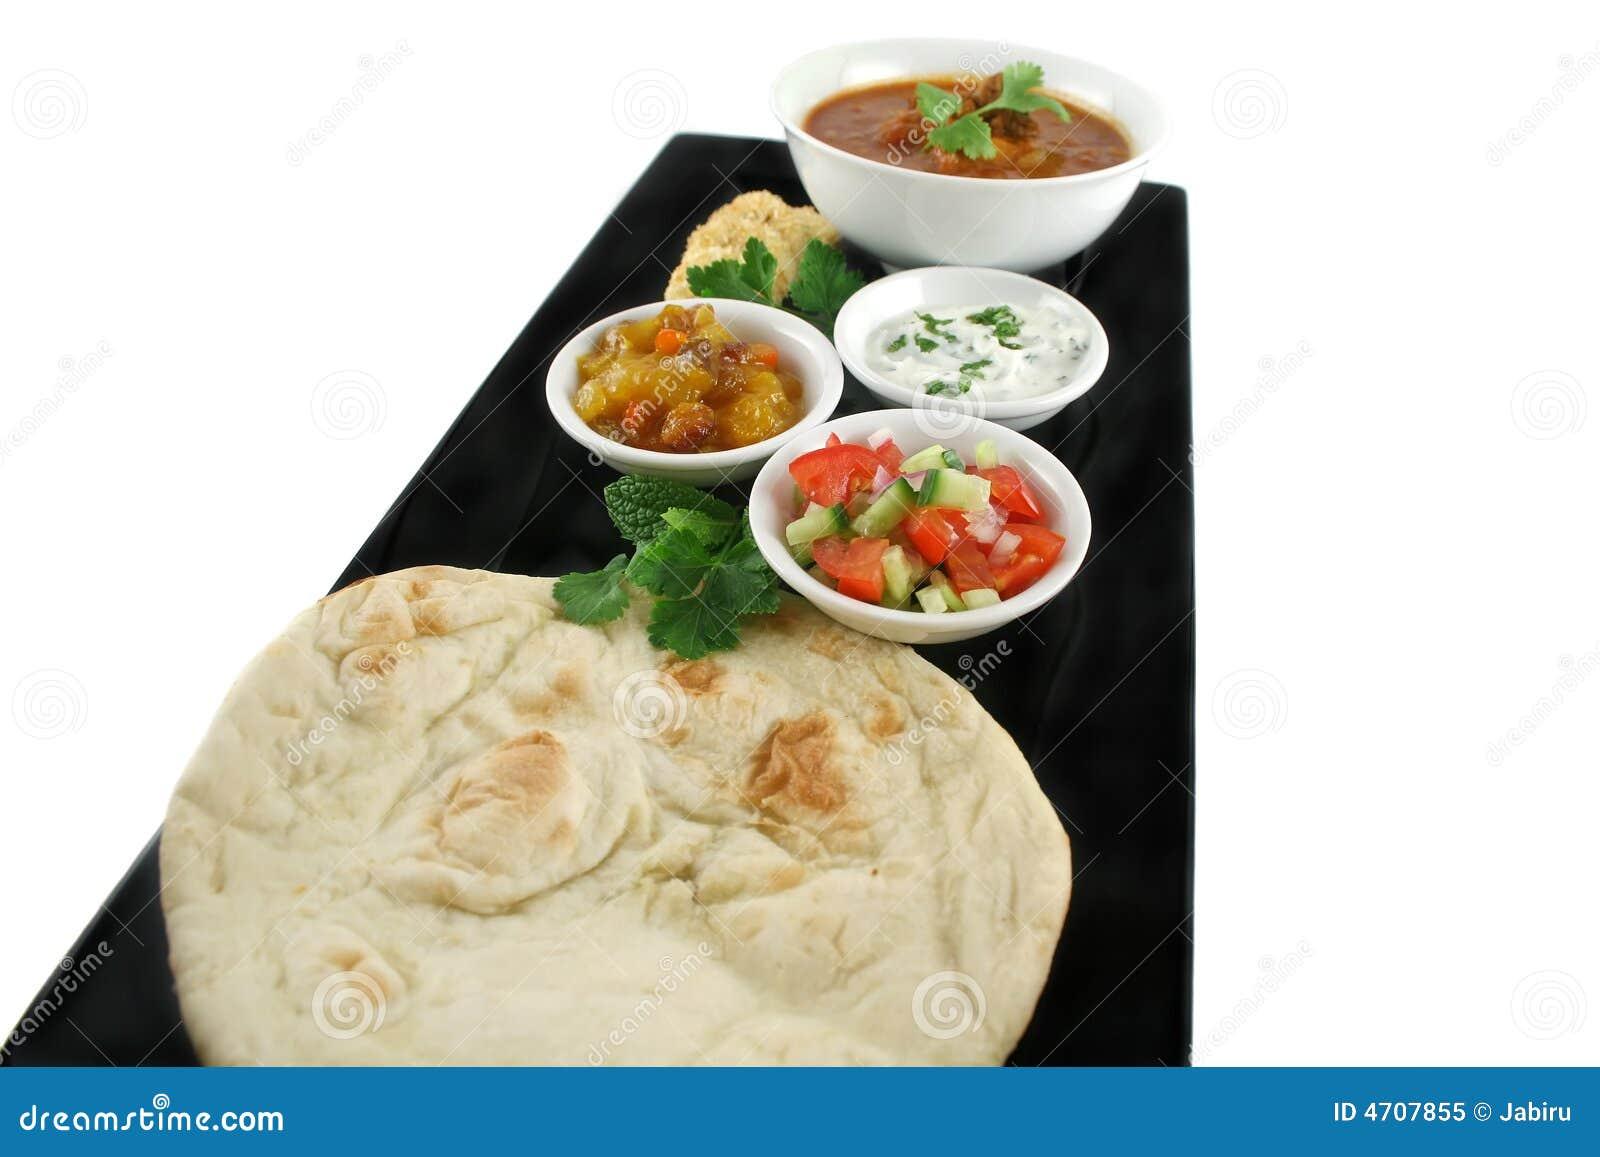 Free stock photos indian food